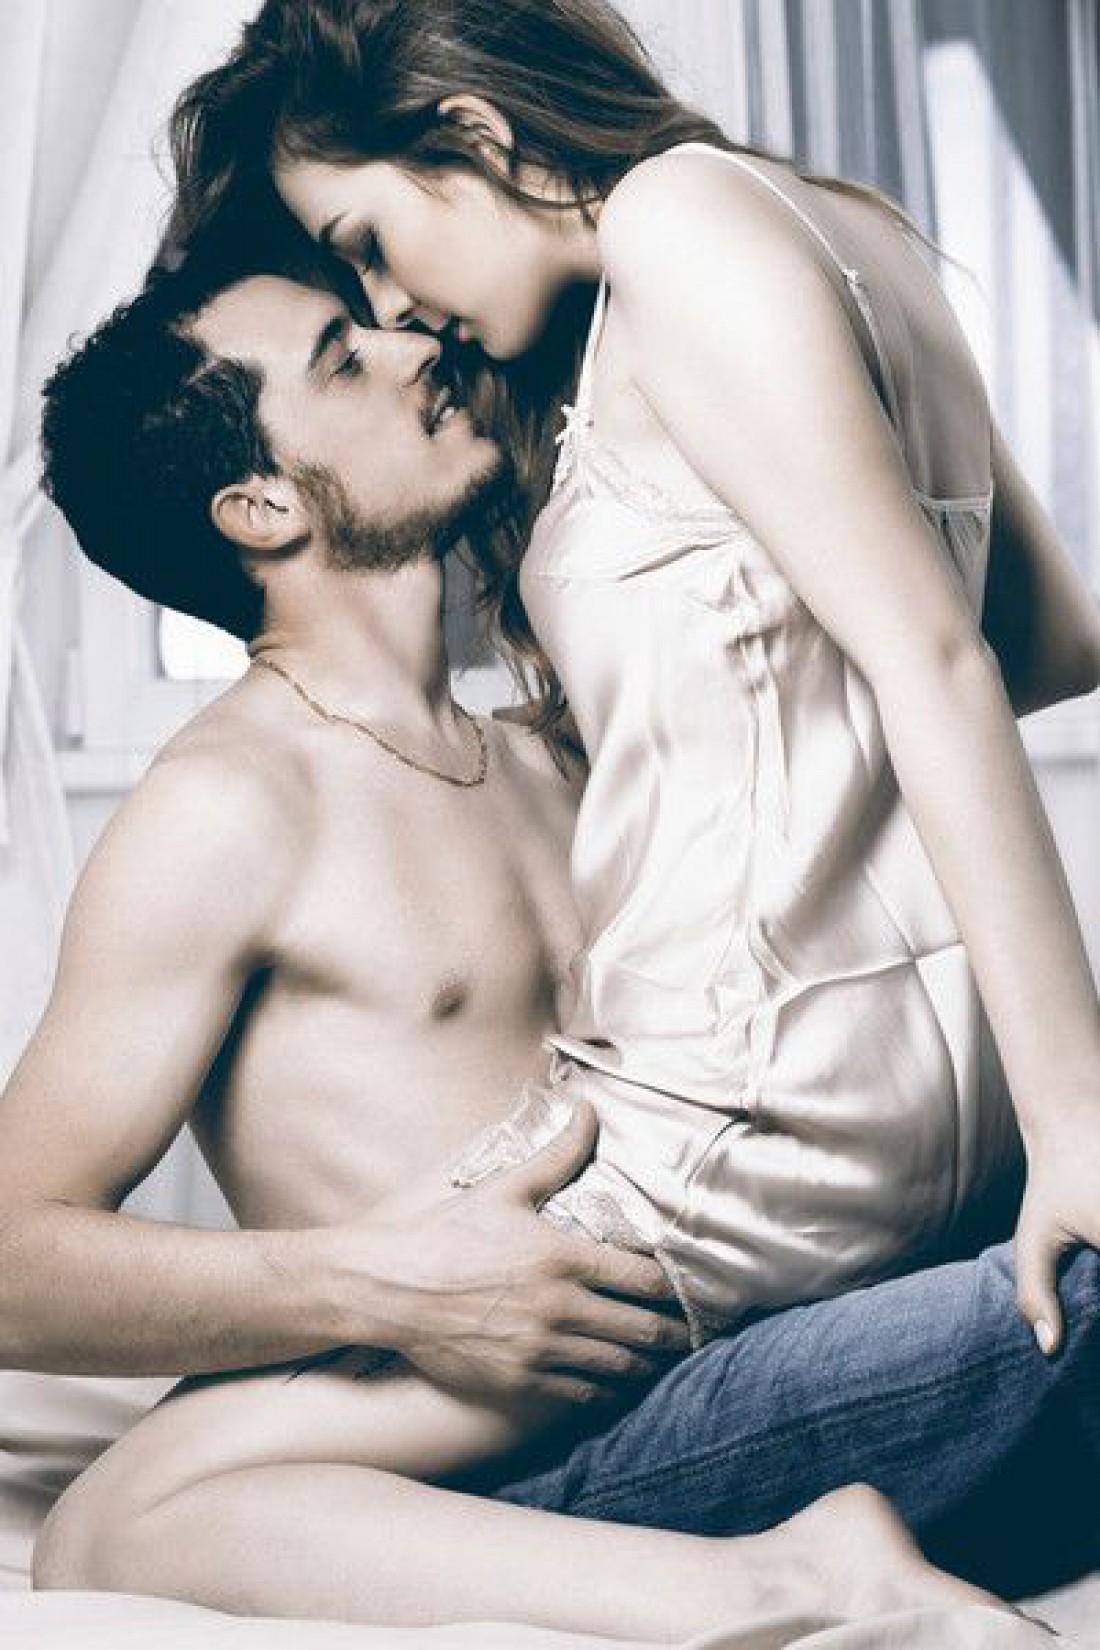 Секс по переписке: 7 главных правил